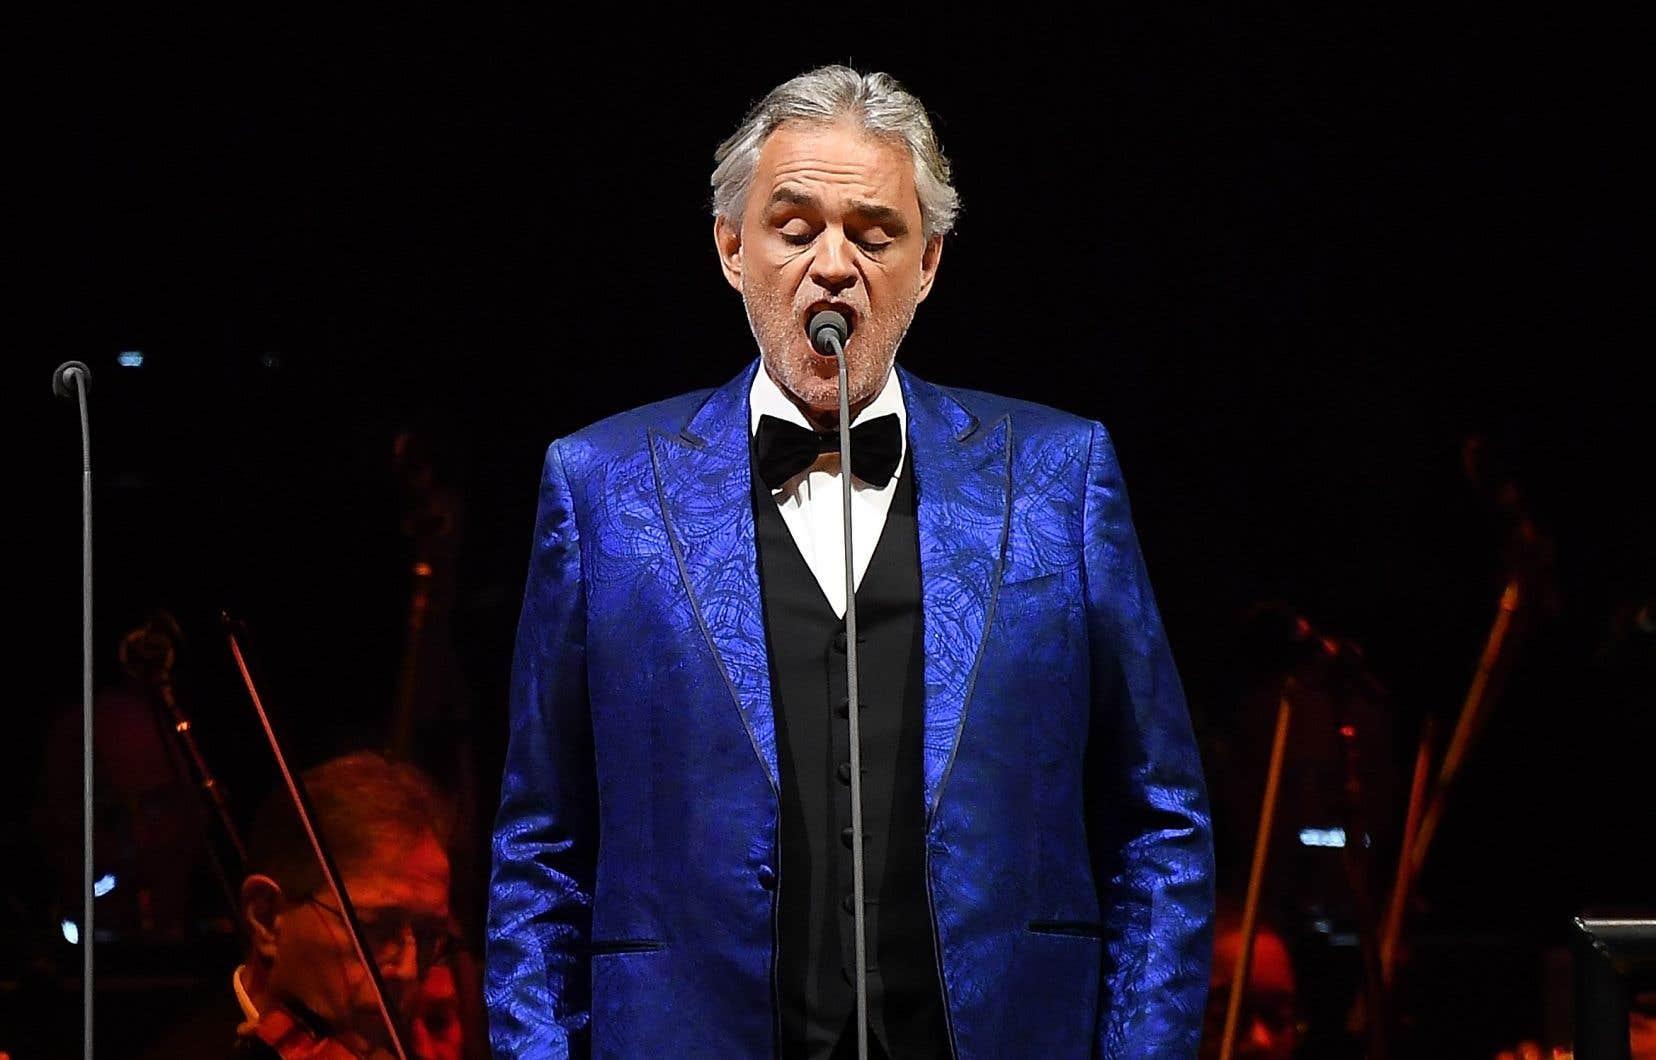 Le chanteur italien Andrea Bocelli en prestation à New York en décembre dernier